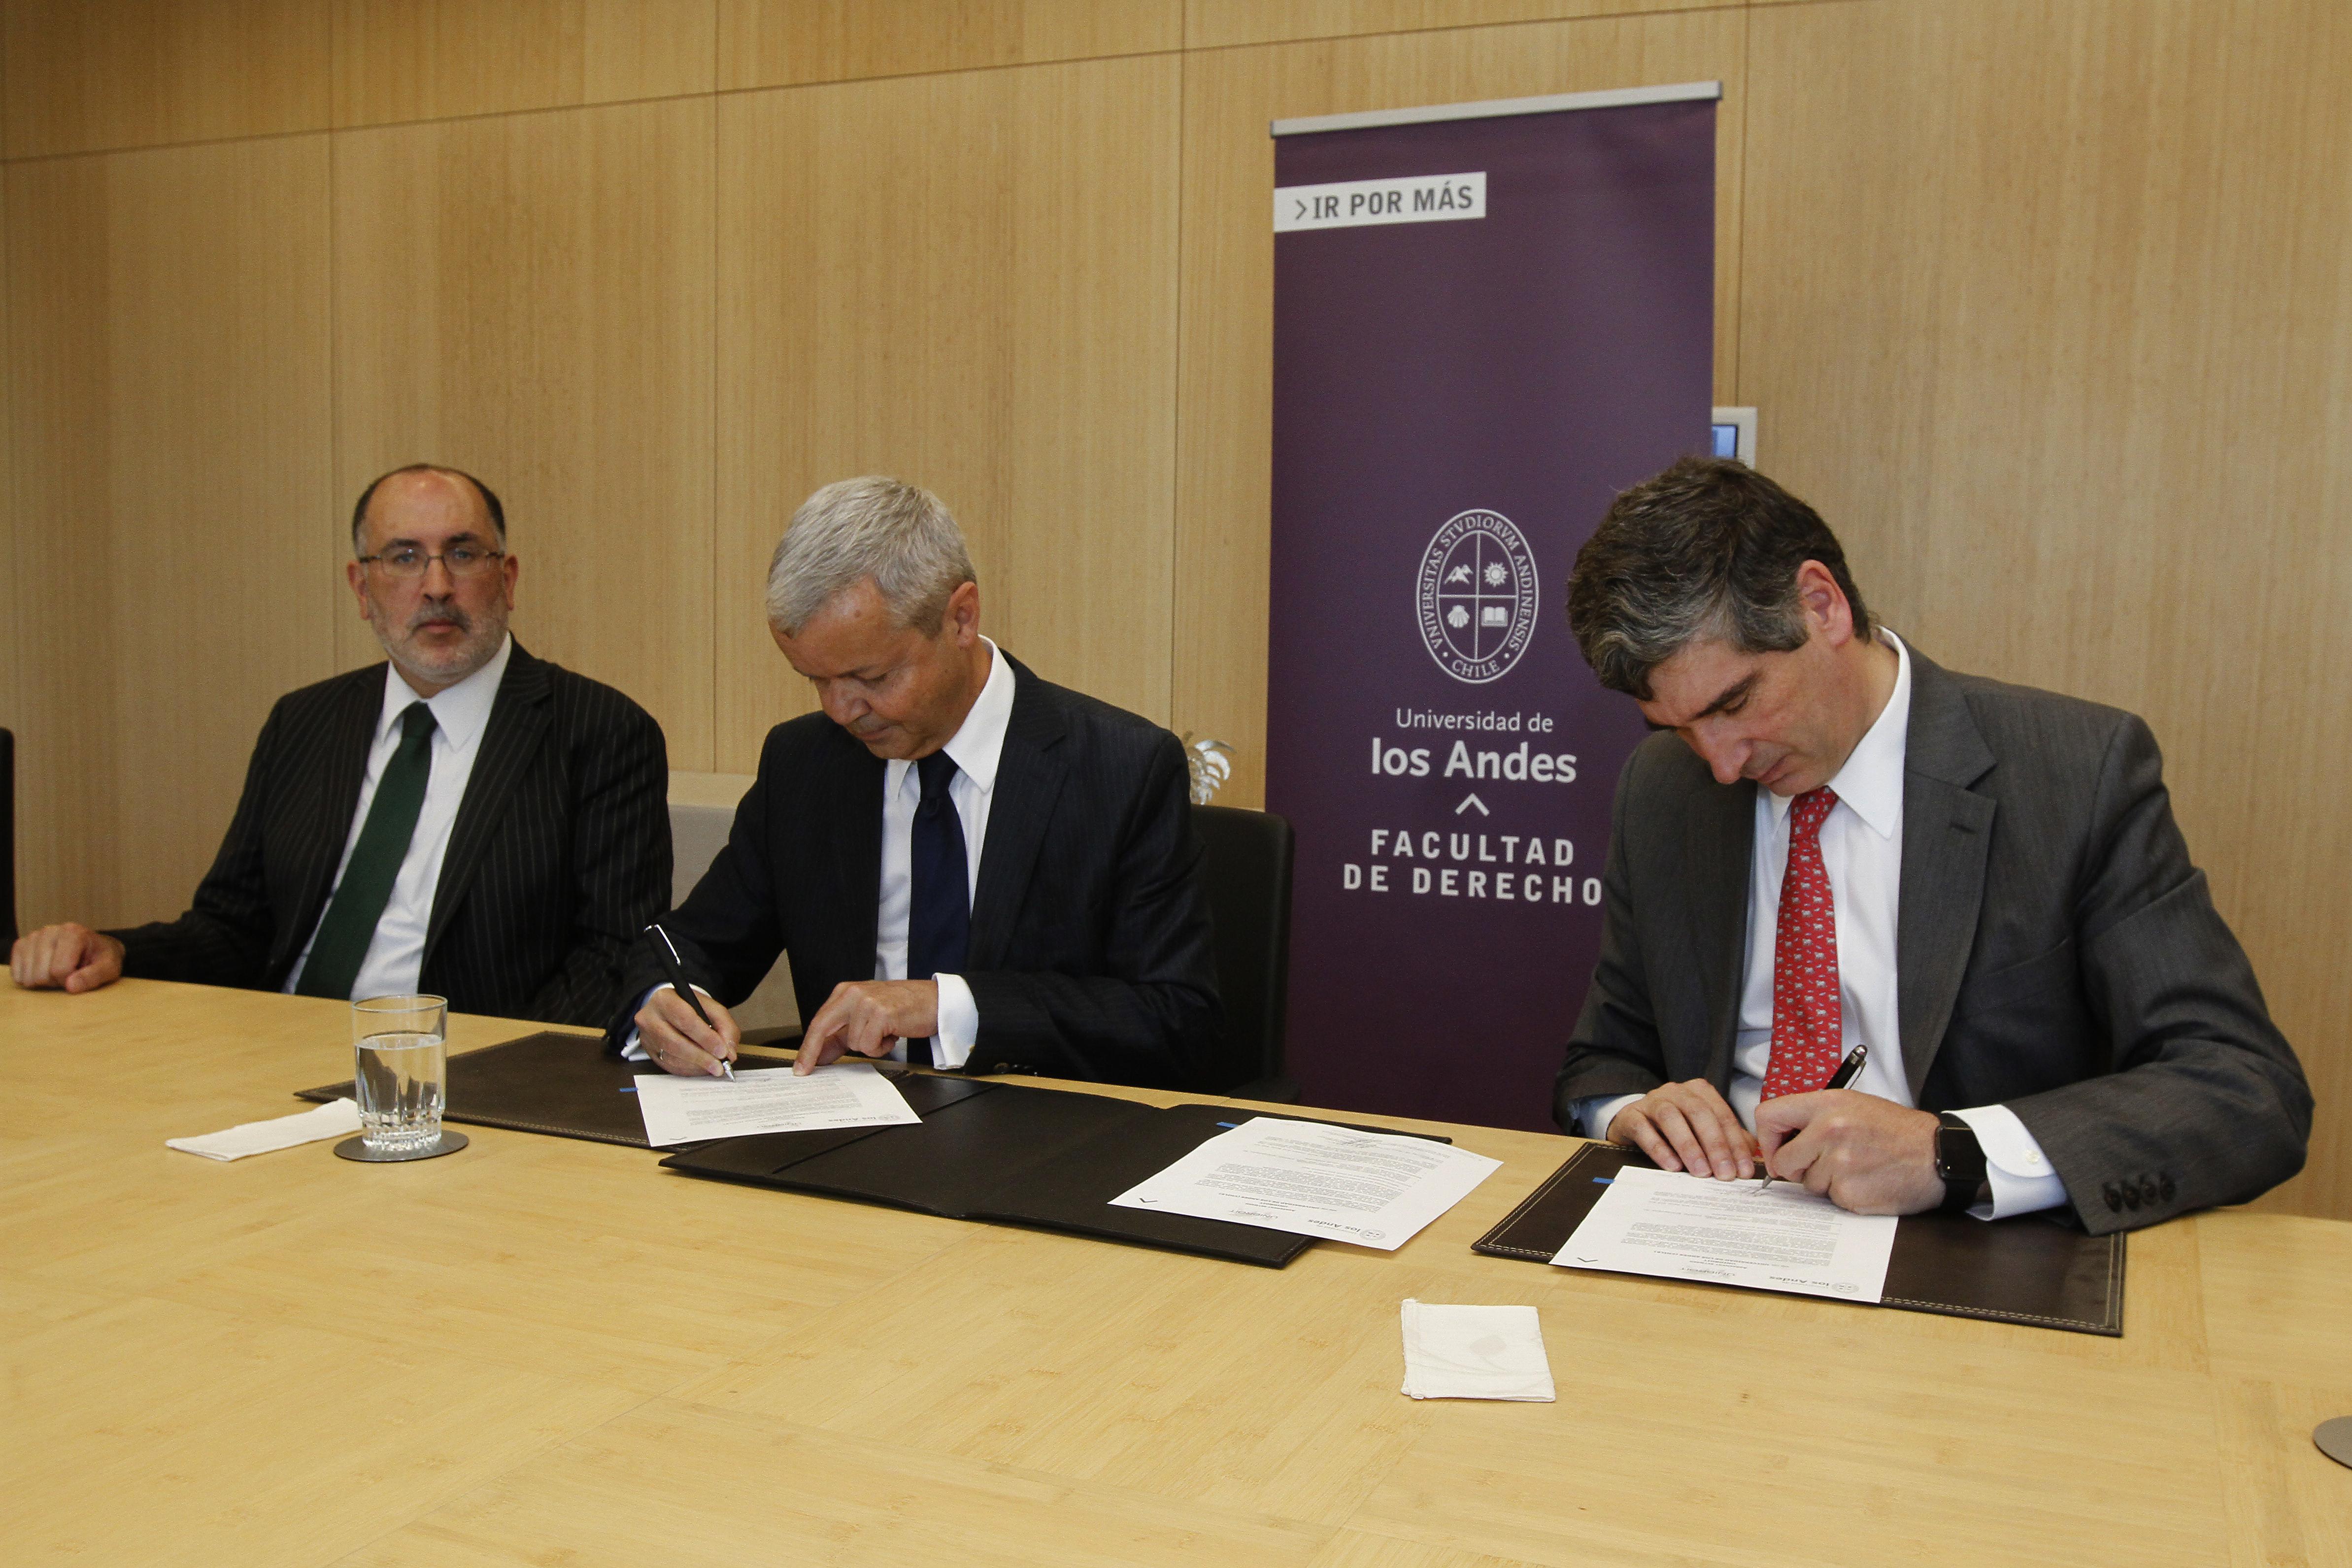 Alejandro Romero, Decano de la Facultad de Derecho; José Angelo Estrella Faria, Secretario General de UNIDROIT, y el Rector José Antonio Guzmán.